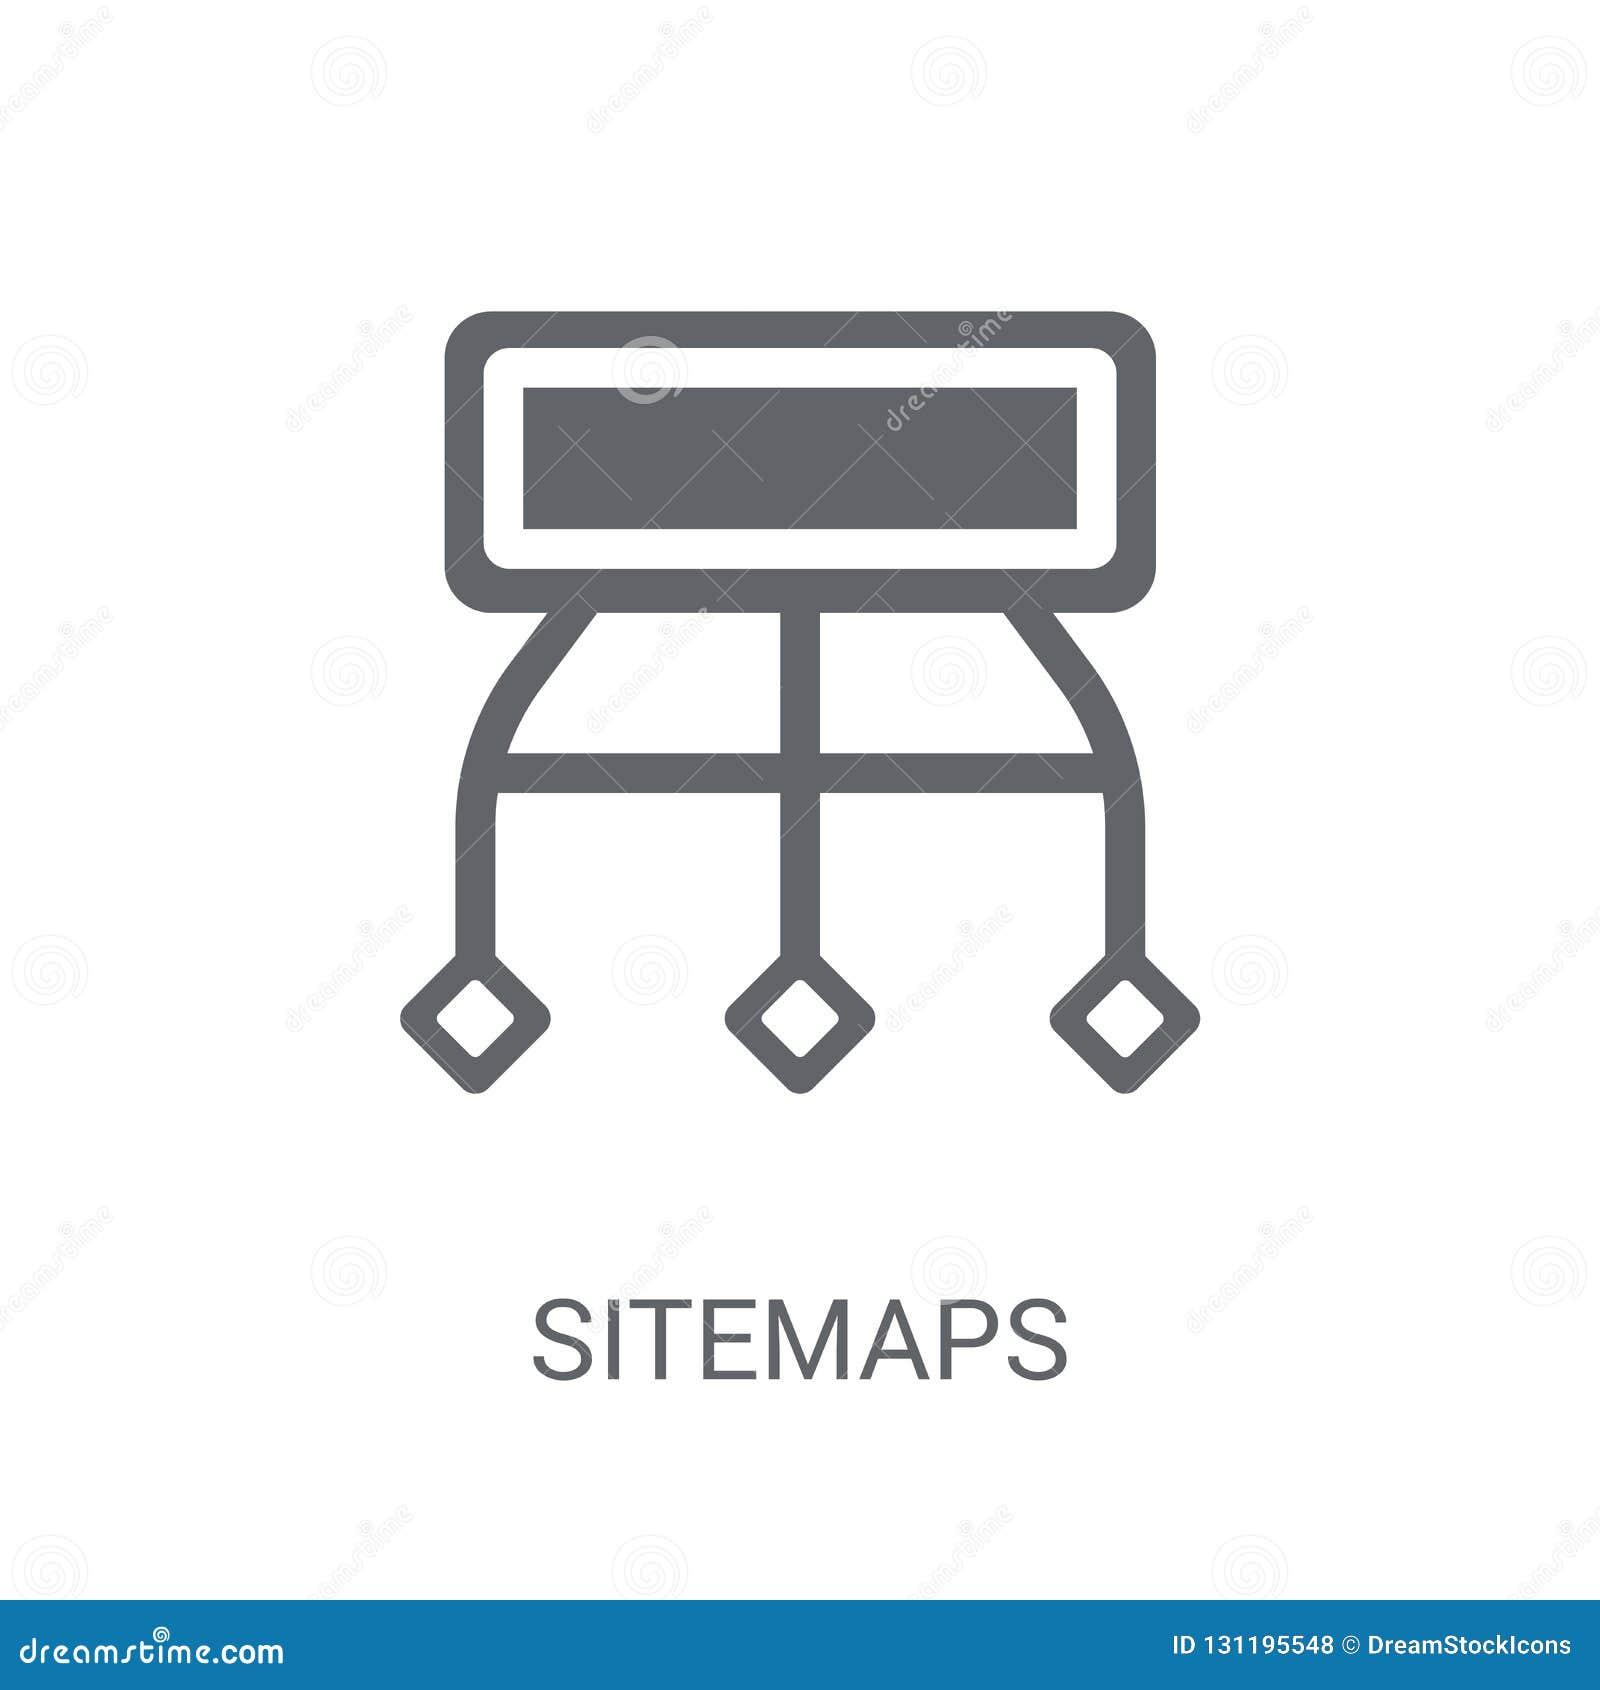 Sitemaps symbol